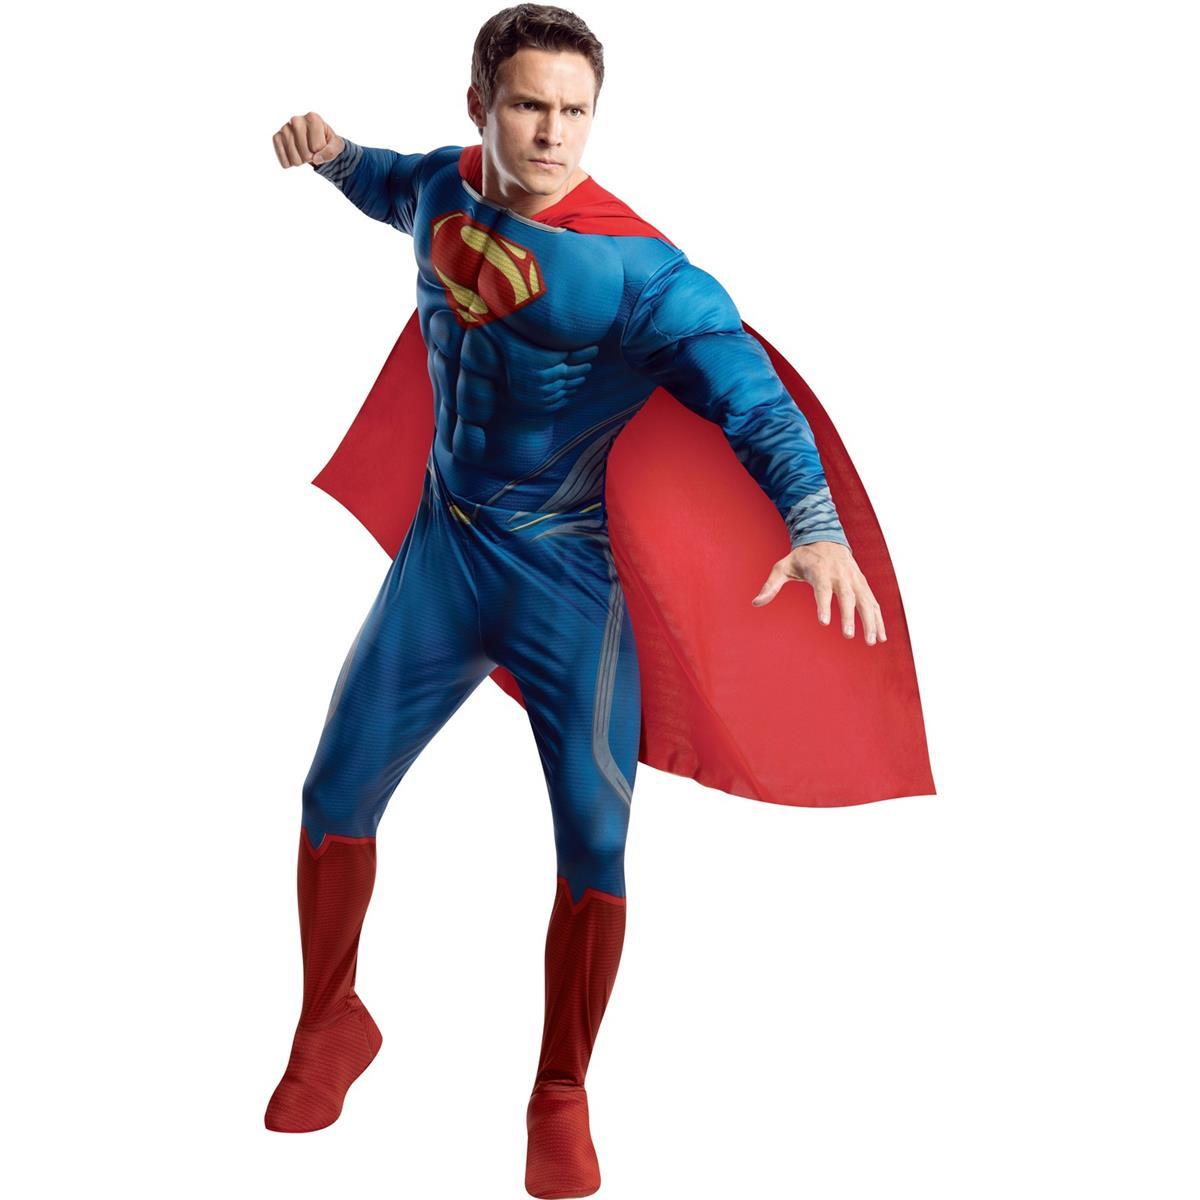 スーパーマン コスチューム 衣装 大人 男性 マン・オブ・スティール コスプレ マント付 スーツ